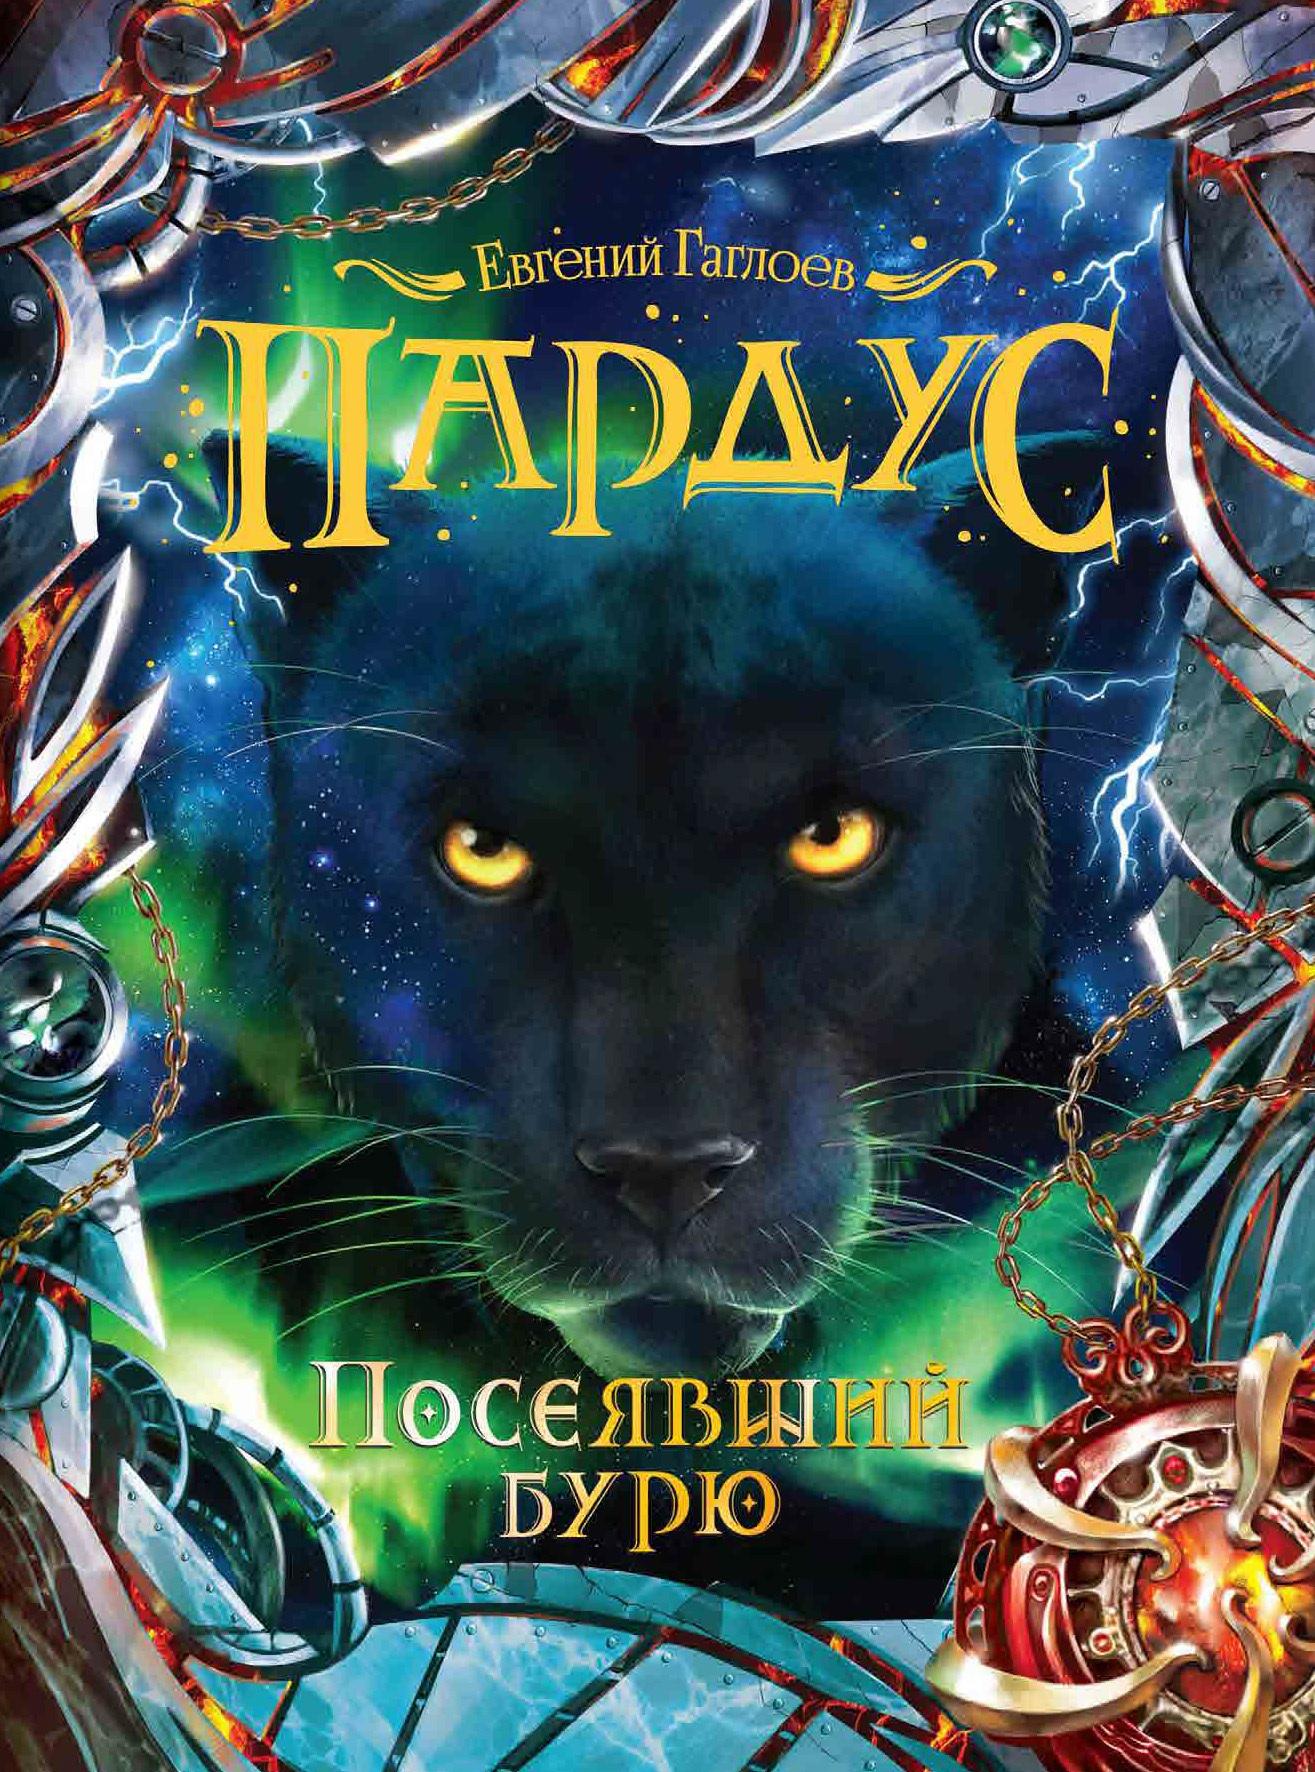 Евгений Гаглоев Посеявший бурю гаглоев е пардус посеявший бурю isbn 9785353087496